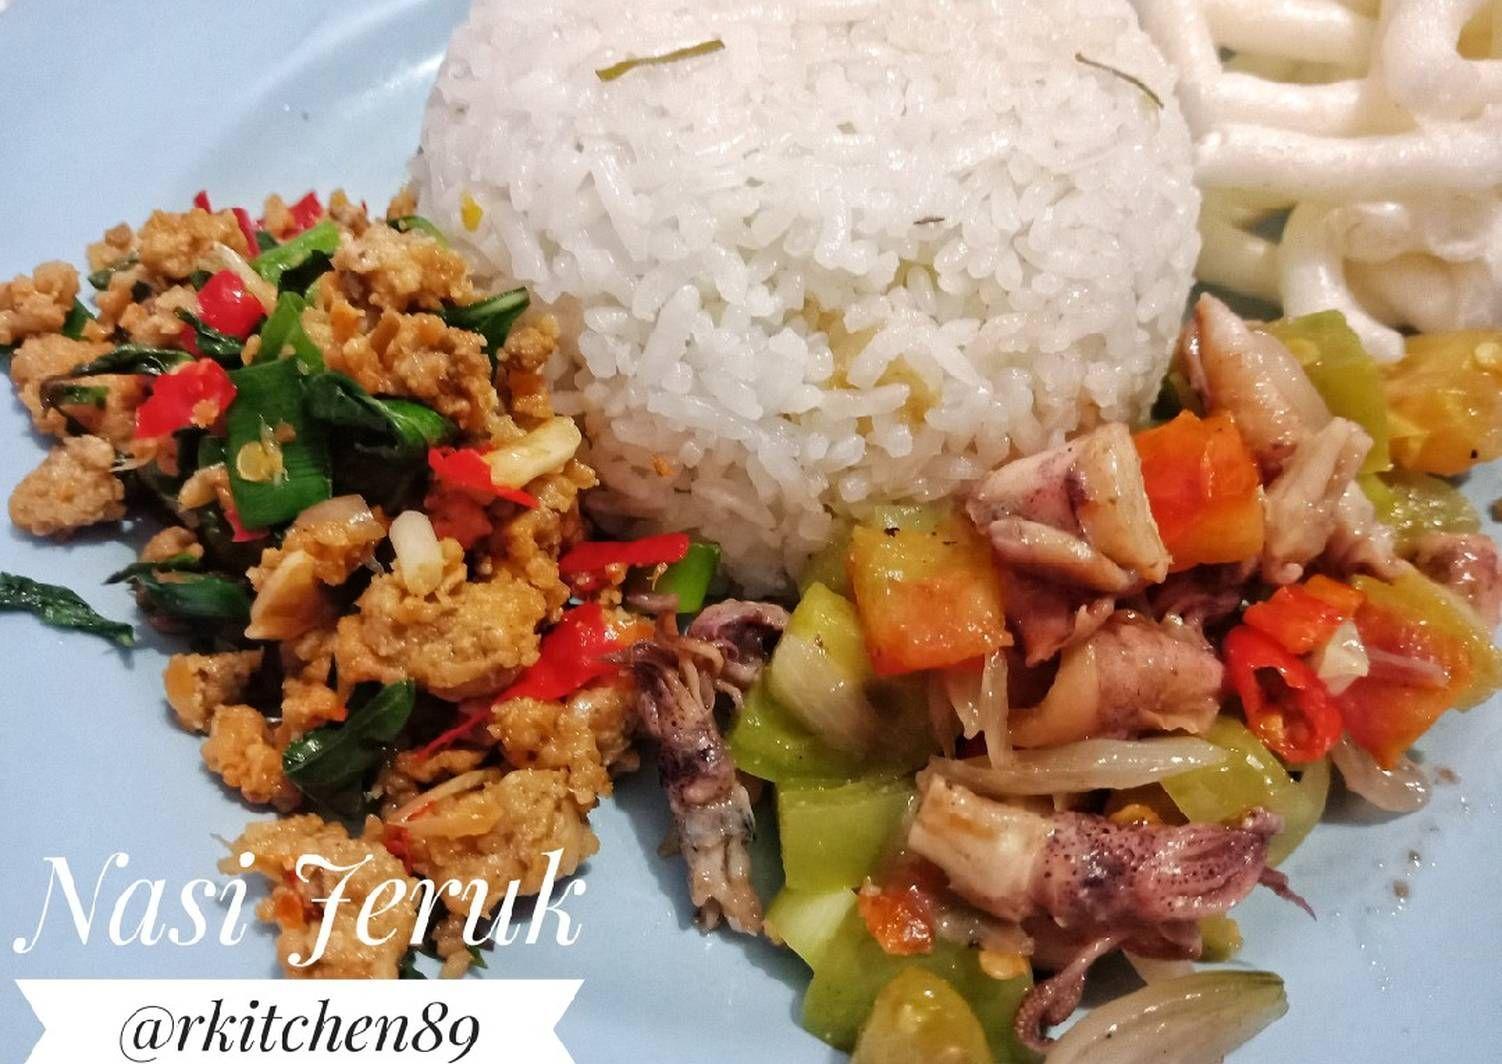 Resep Nasi Jeruk Oleh Cha Rkitchen89 Resep Resep Masakan Indonesia Resep Masakan Resep